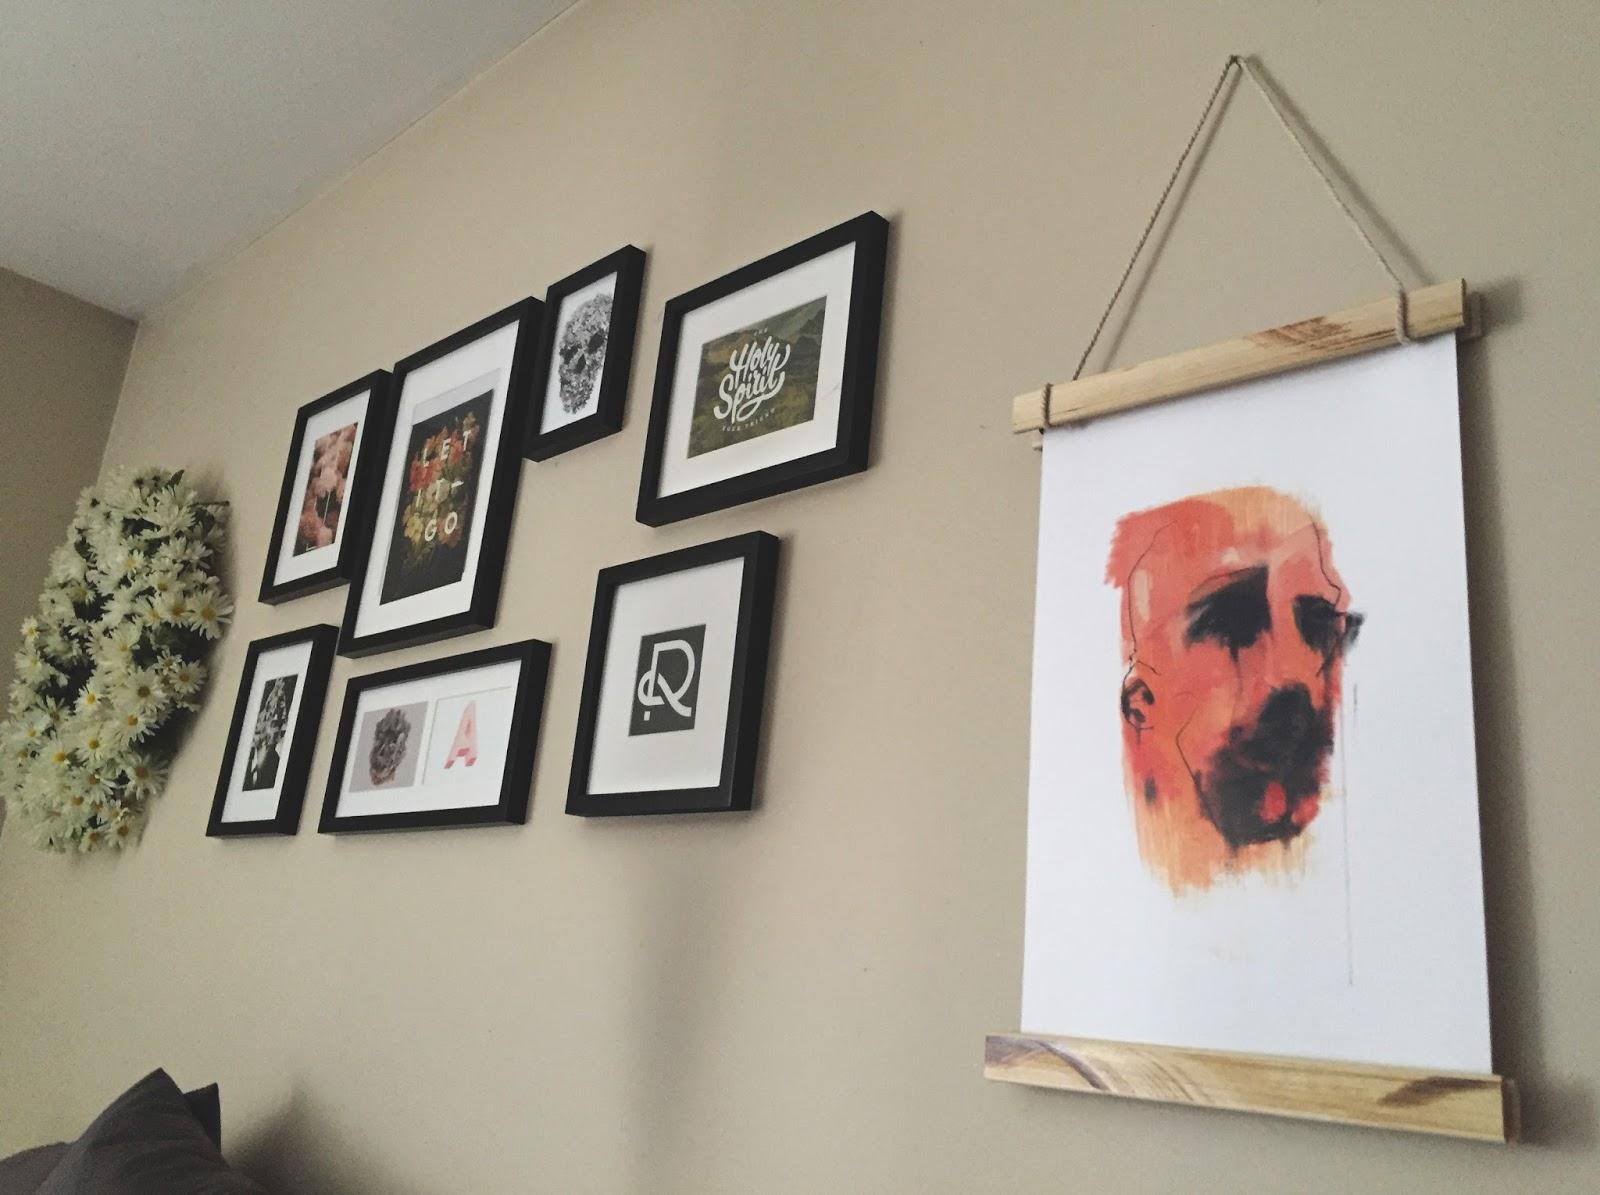 diy wooden poster frame - Diy Poster Frame